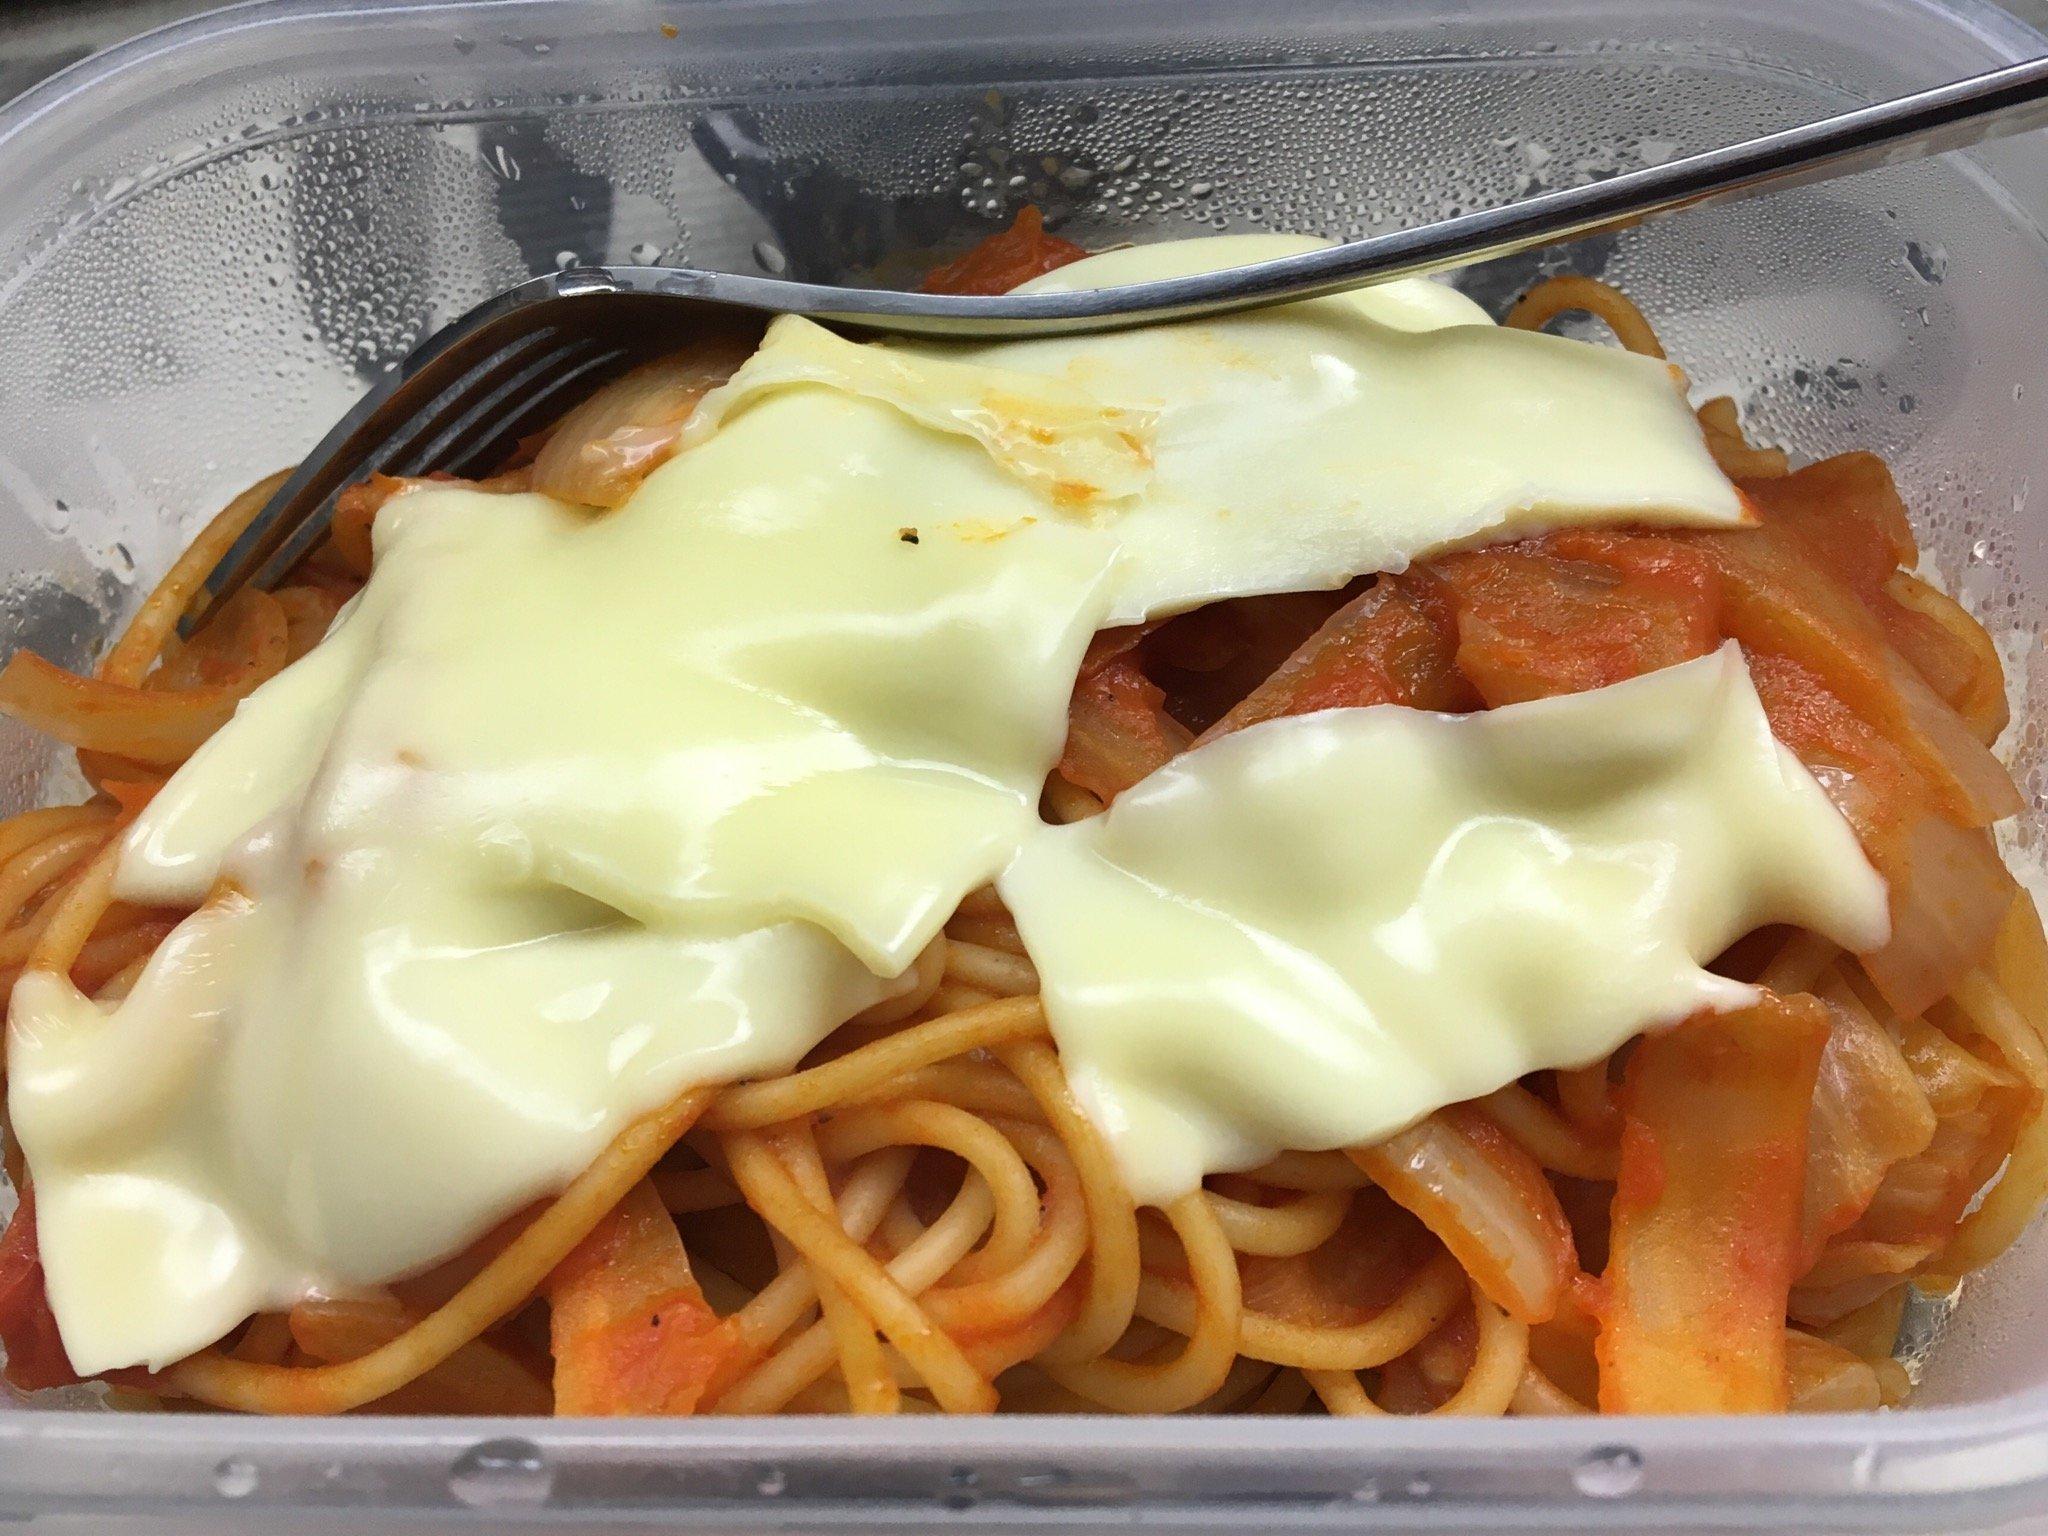 自炊するときはする!お夜食にチーズナポリタン( ´ ꒳ ` )…